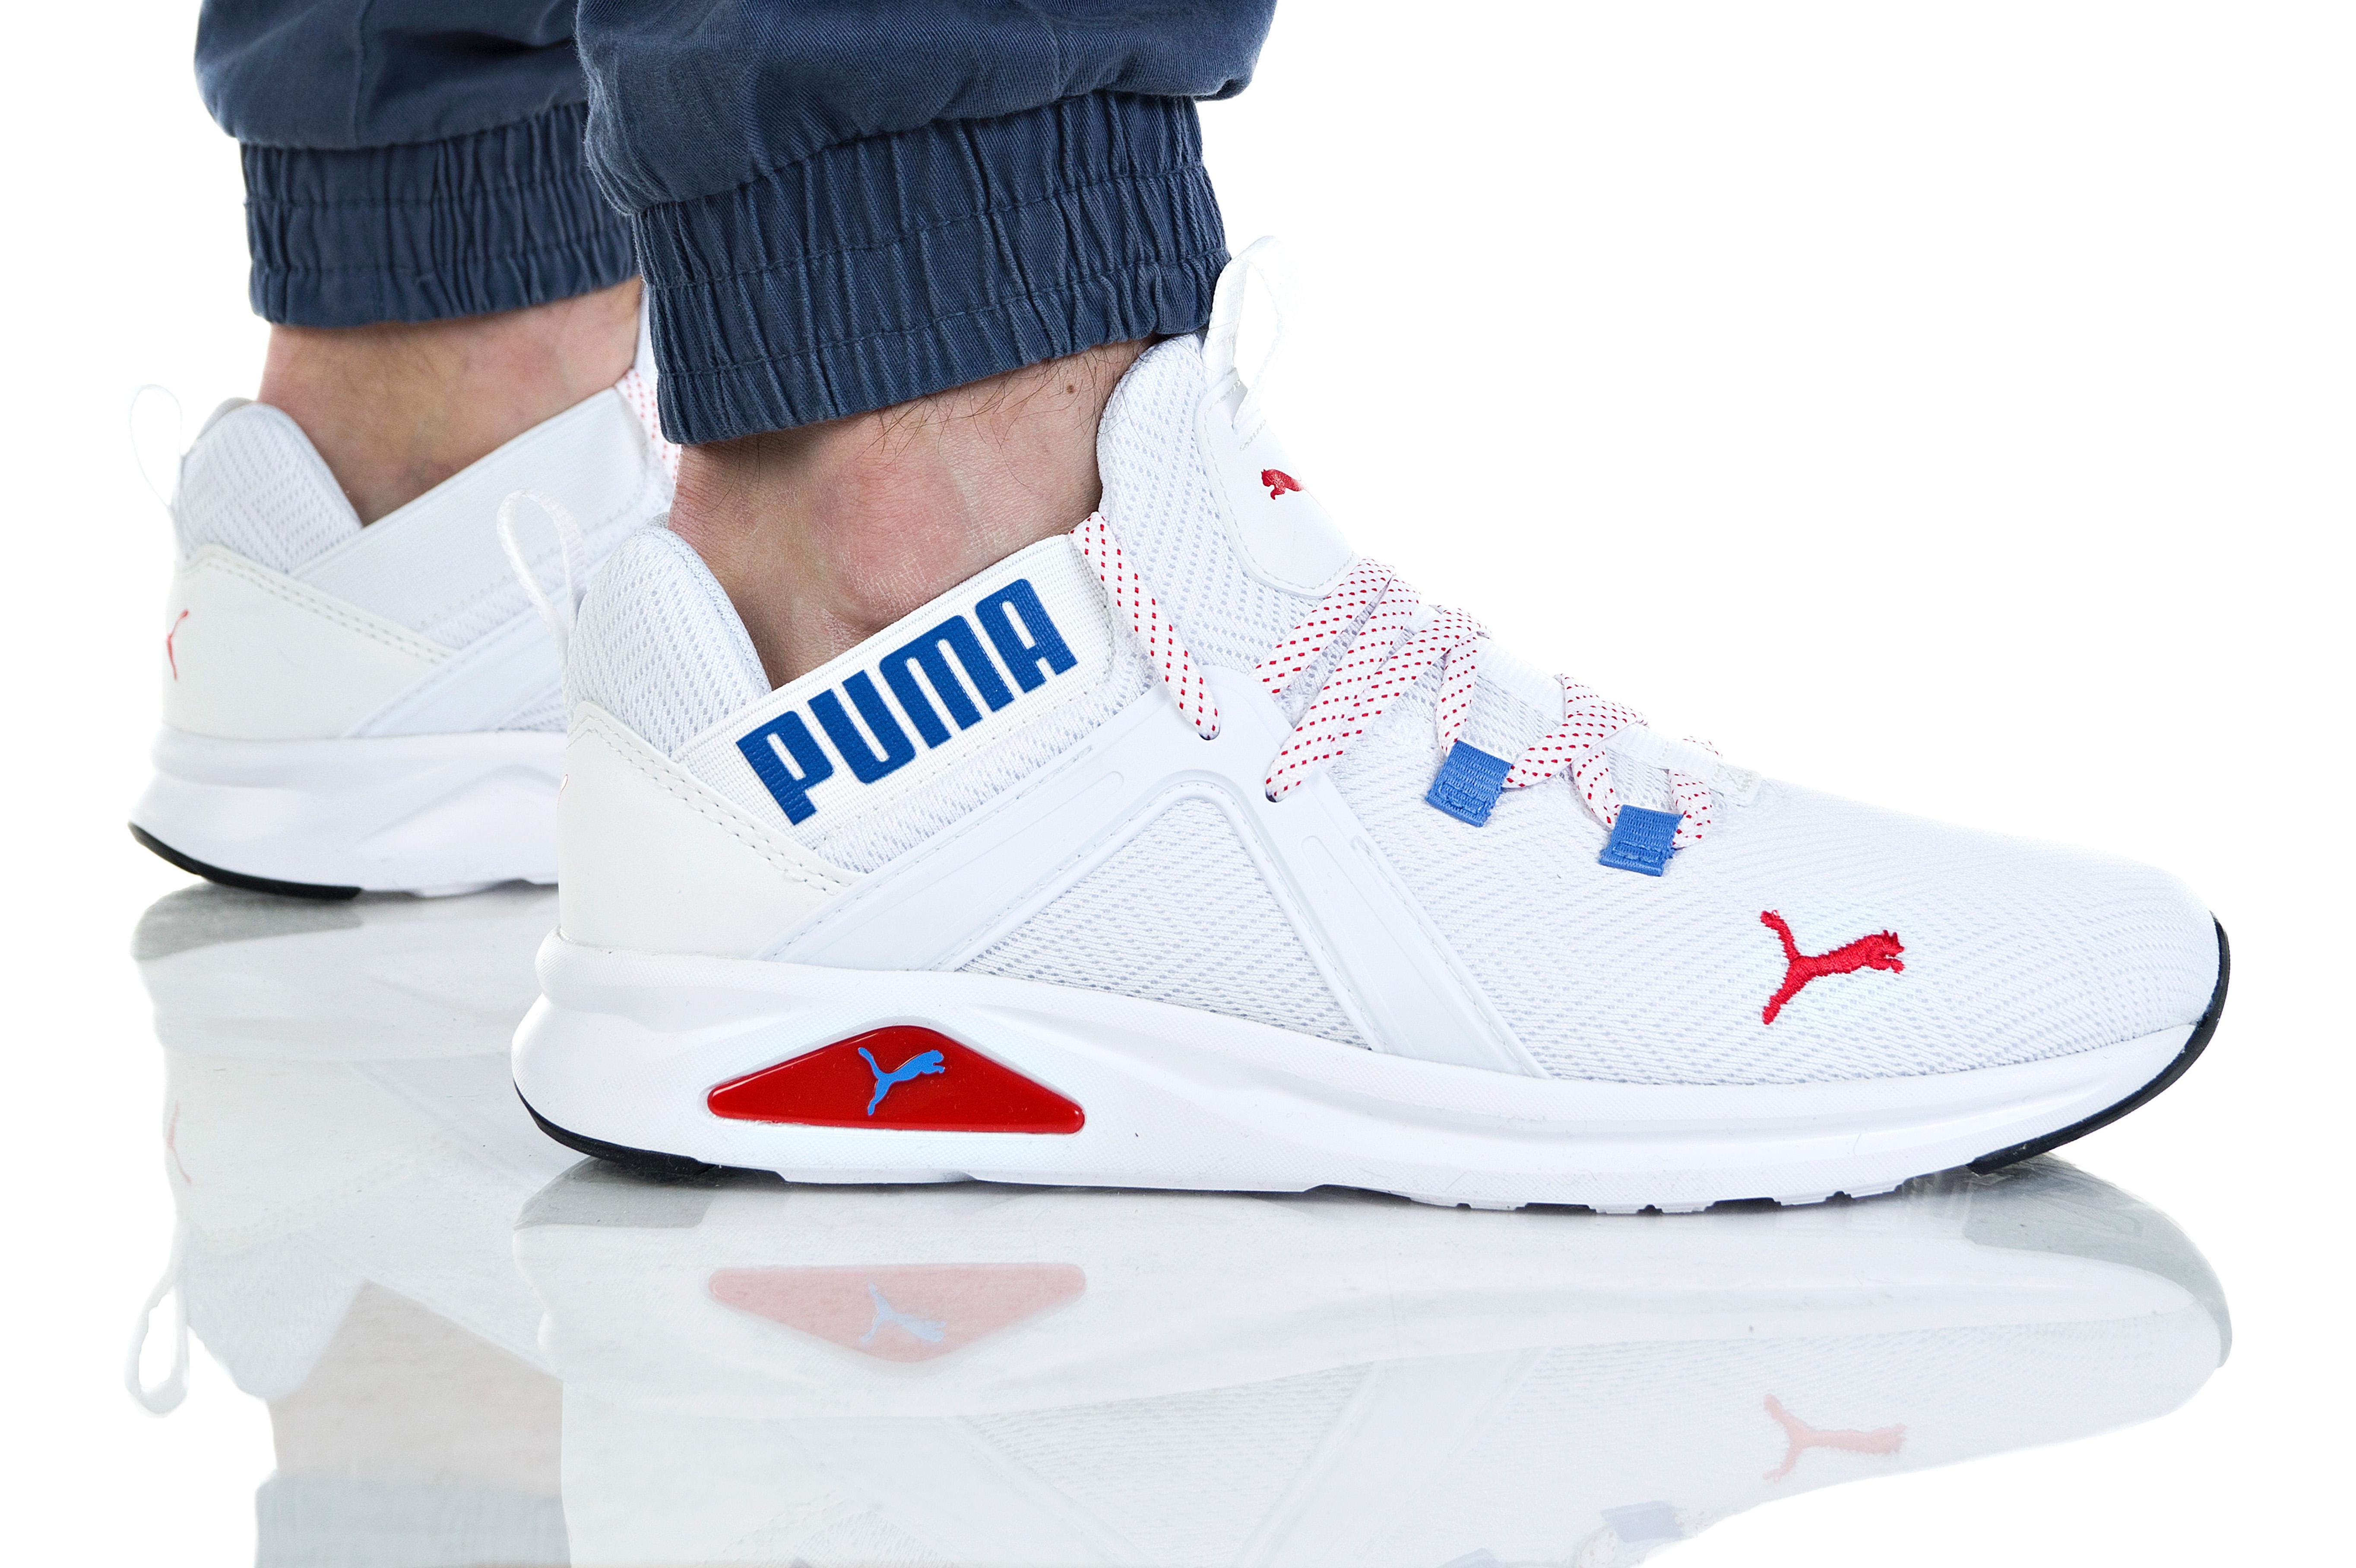 נעליים פומה לגברים PUMA ENZO 2 GEO - לבן